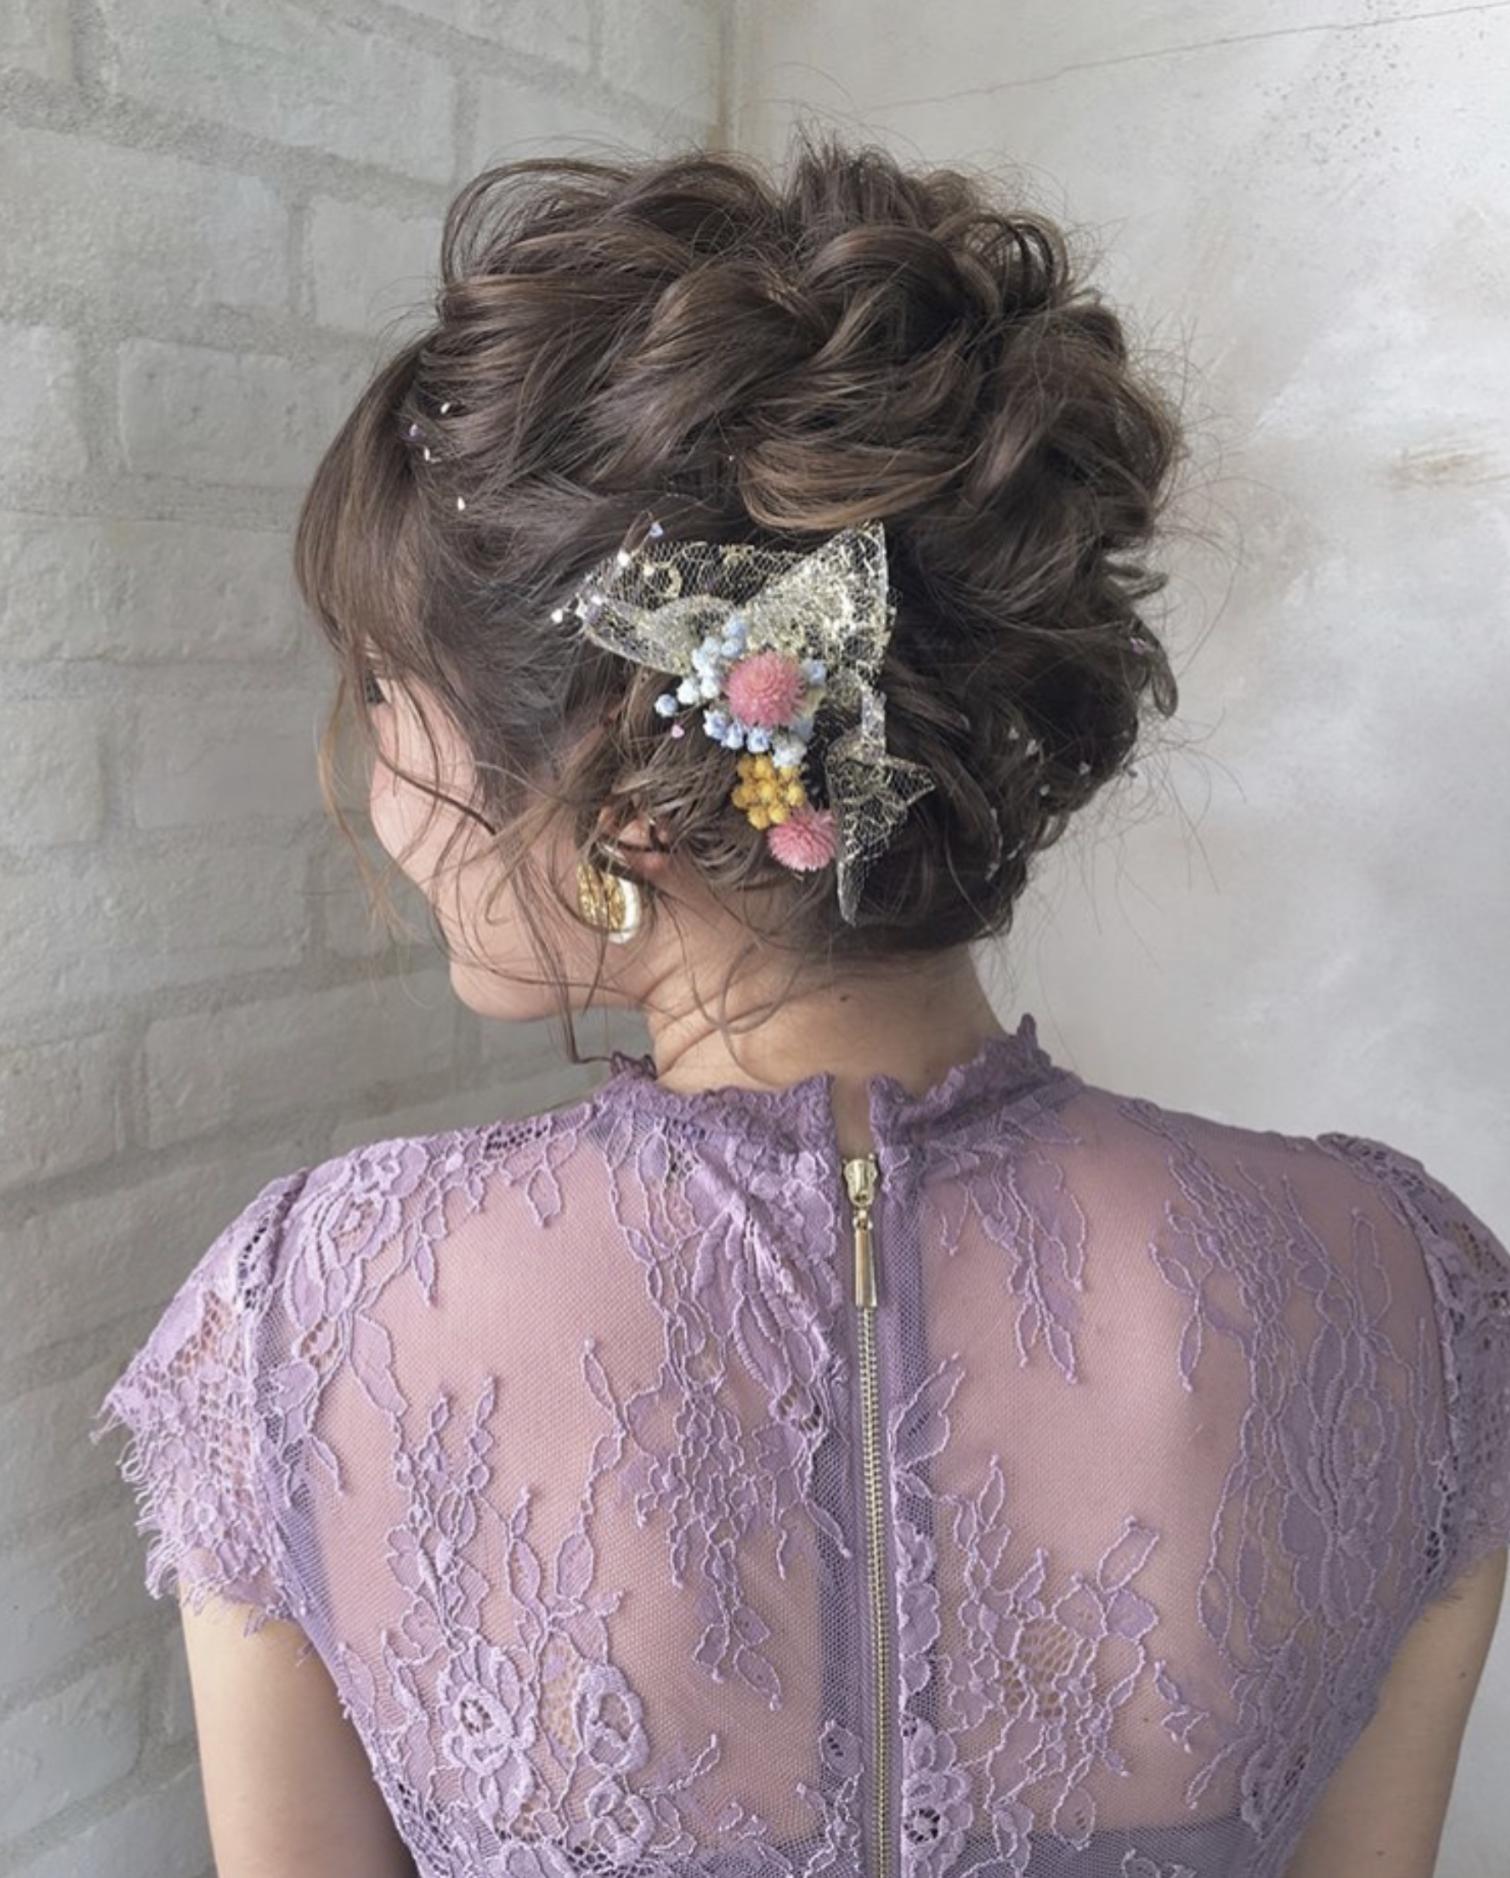 結婚式 二次会 ヘアメイク イベント デート まとめ髪 編み込み